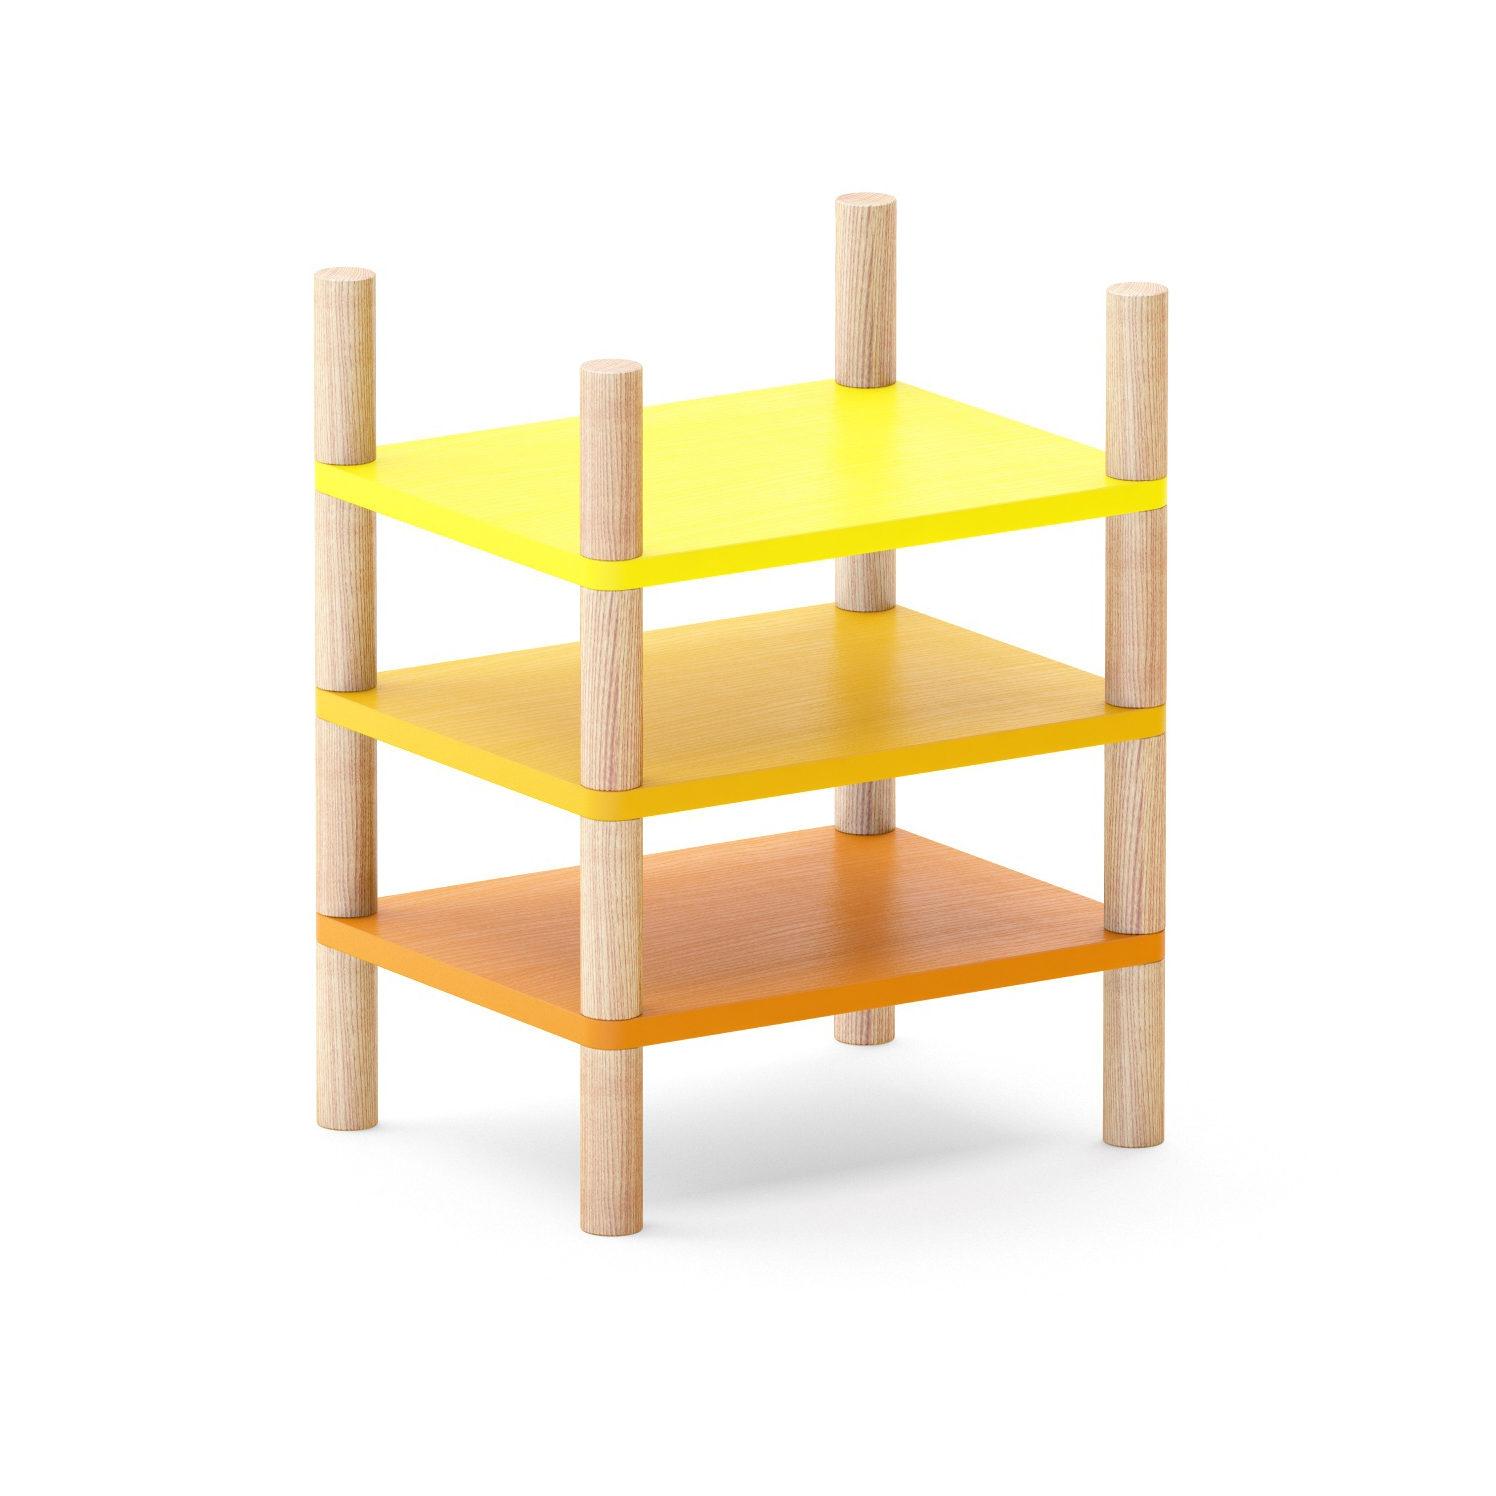 Прикроватная тумба GrimmПрикроватные тумбы, комоды, столики<br>&amp;lt;div&amp;gt;Данная позиция доступна во множестве цветовых вариантов, а также с темными или светлыми ножками.&amp;lt;/div&amp;gt;&amp;lt;div&amp;gt;&amp;lt;br&amp;gt;&amp;lt;/div&amp;gt;&amp;lt;div&amp;gt;Материал: корпус: крашеный МДФ, ножки: массив ясеня.&amp;amp;nbsp;&amp;lt;/div&amp;gt;&amp;lt;div&amp;gt;Возможен заказ изделия с отделкой текстурой дерева, стоимость уточняйте у менеджера.&amp;lt;/div&amp;gt;<br><br>Material: Дерево<br>Width см: 55<br>Depth см: 40<br>Height см: 62.5